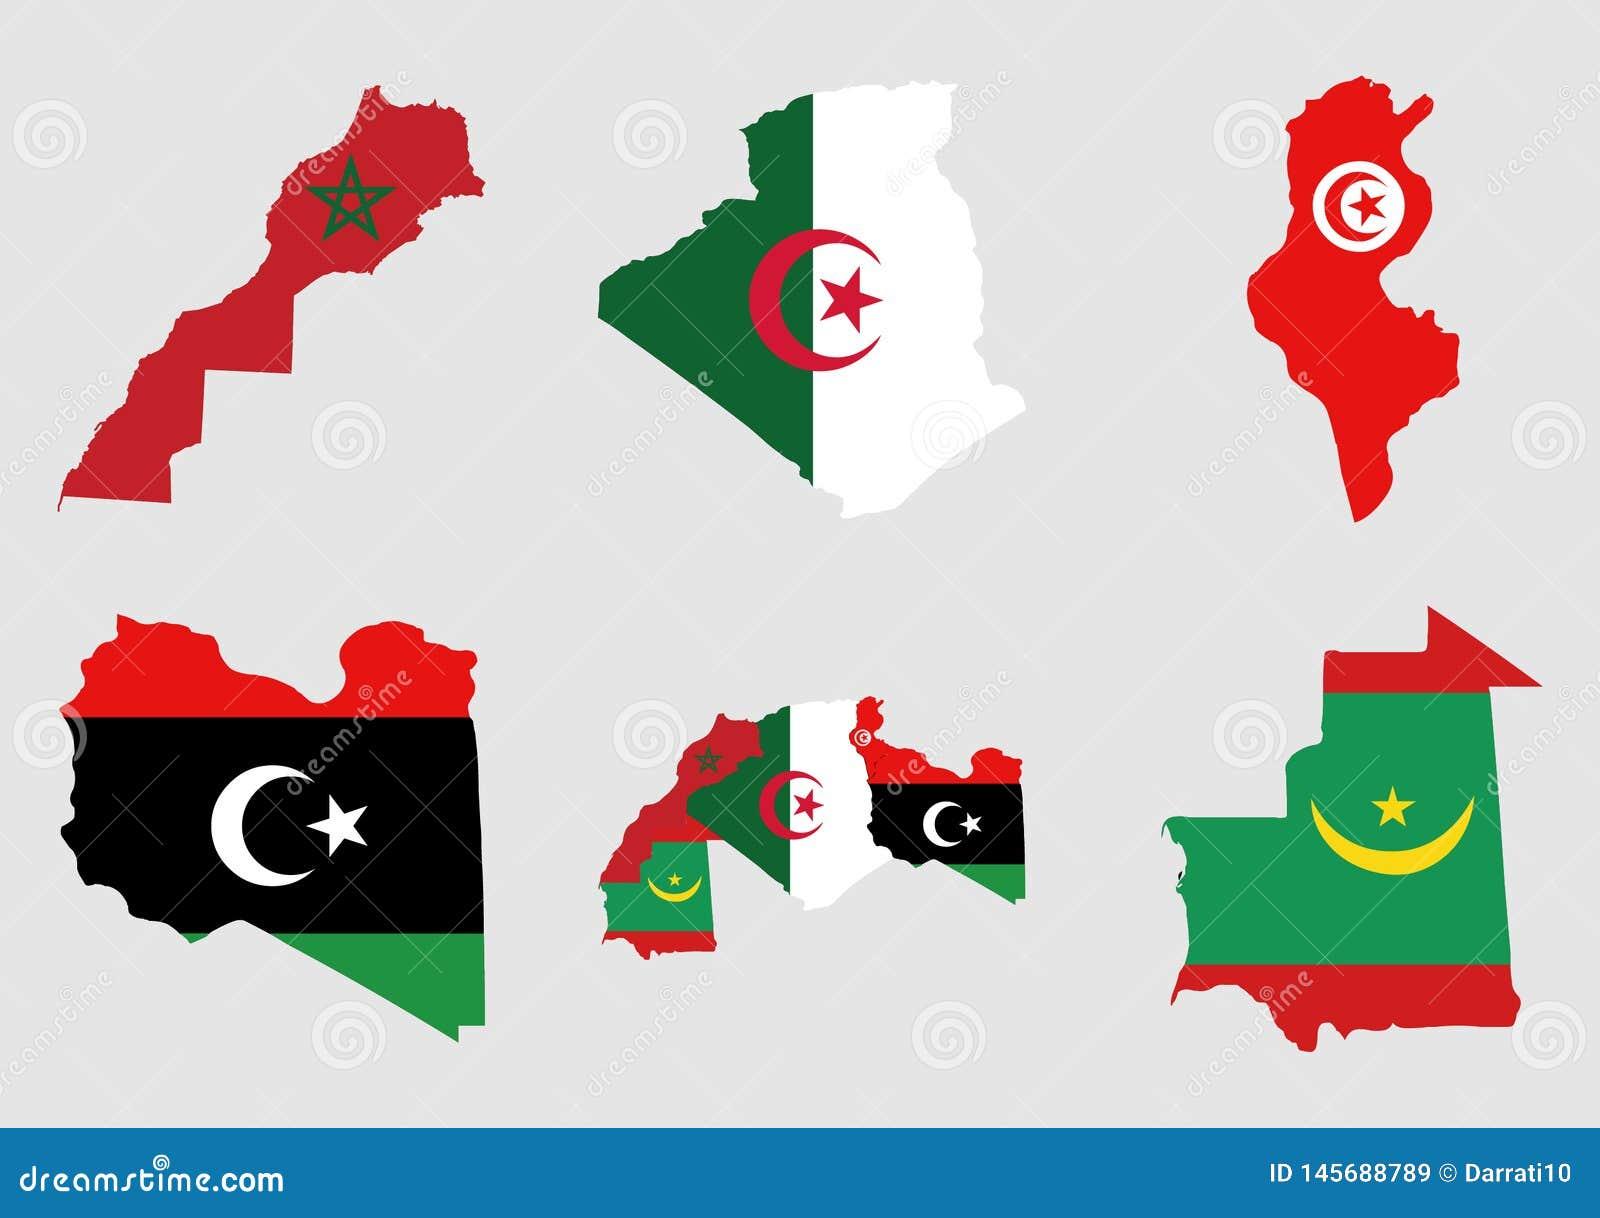 阿拉伯人马格里布国家的地图和旗子